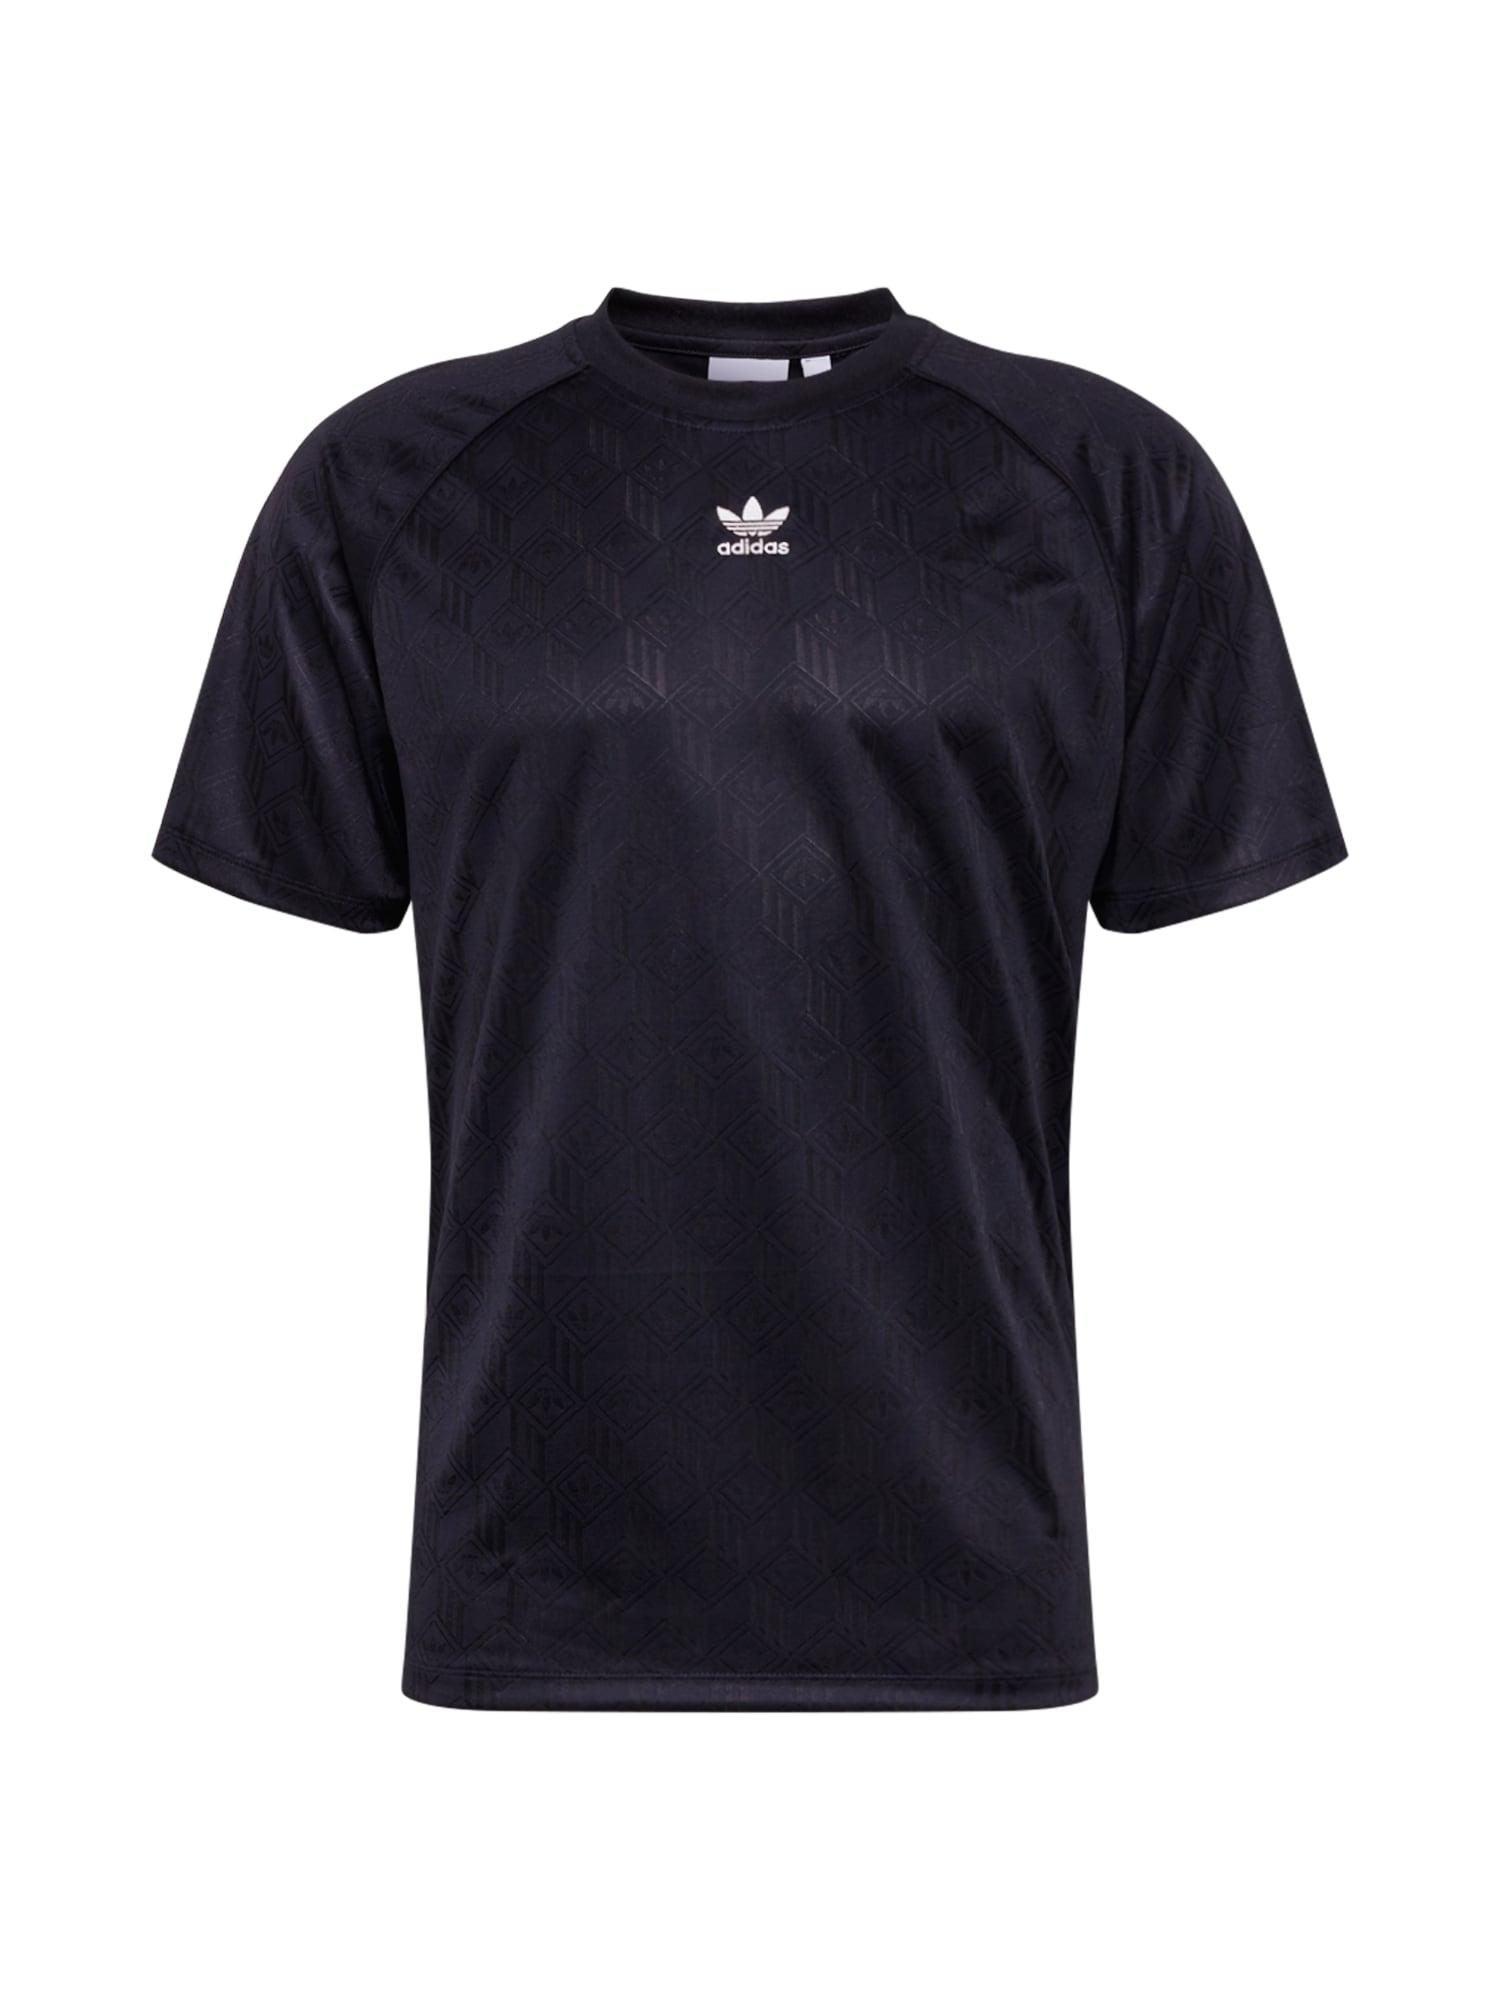 ADIDAS ORIGINALS Marškinėliai 'MONO' juoda